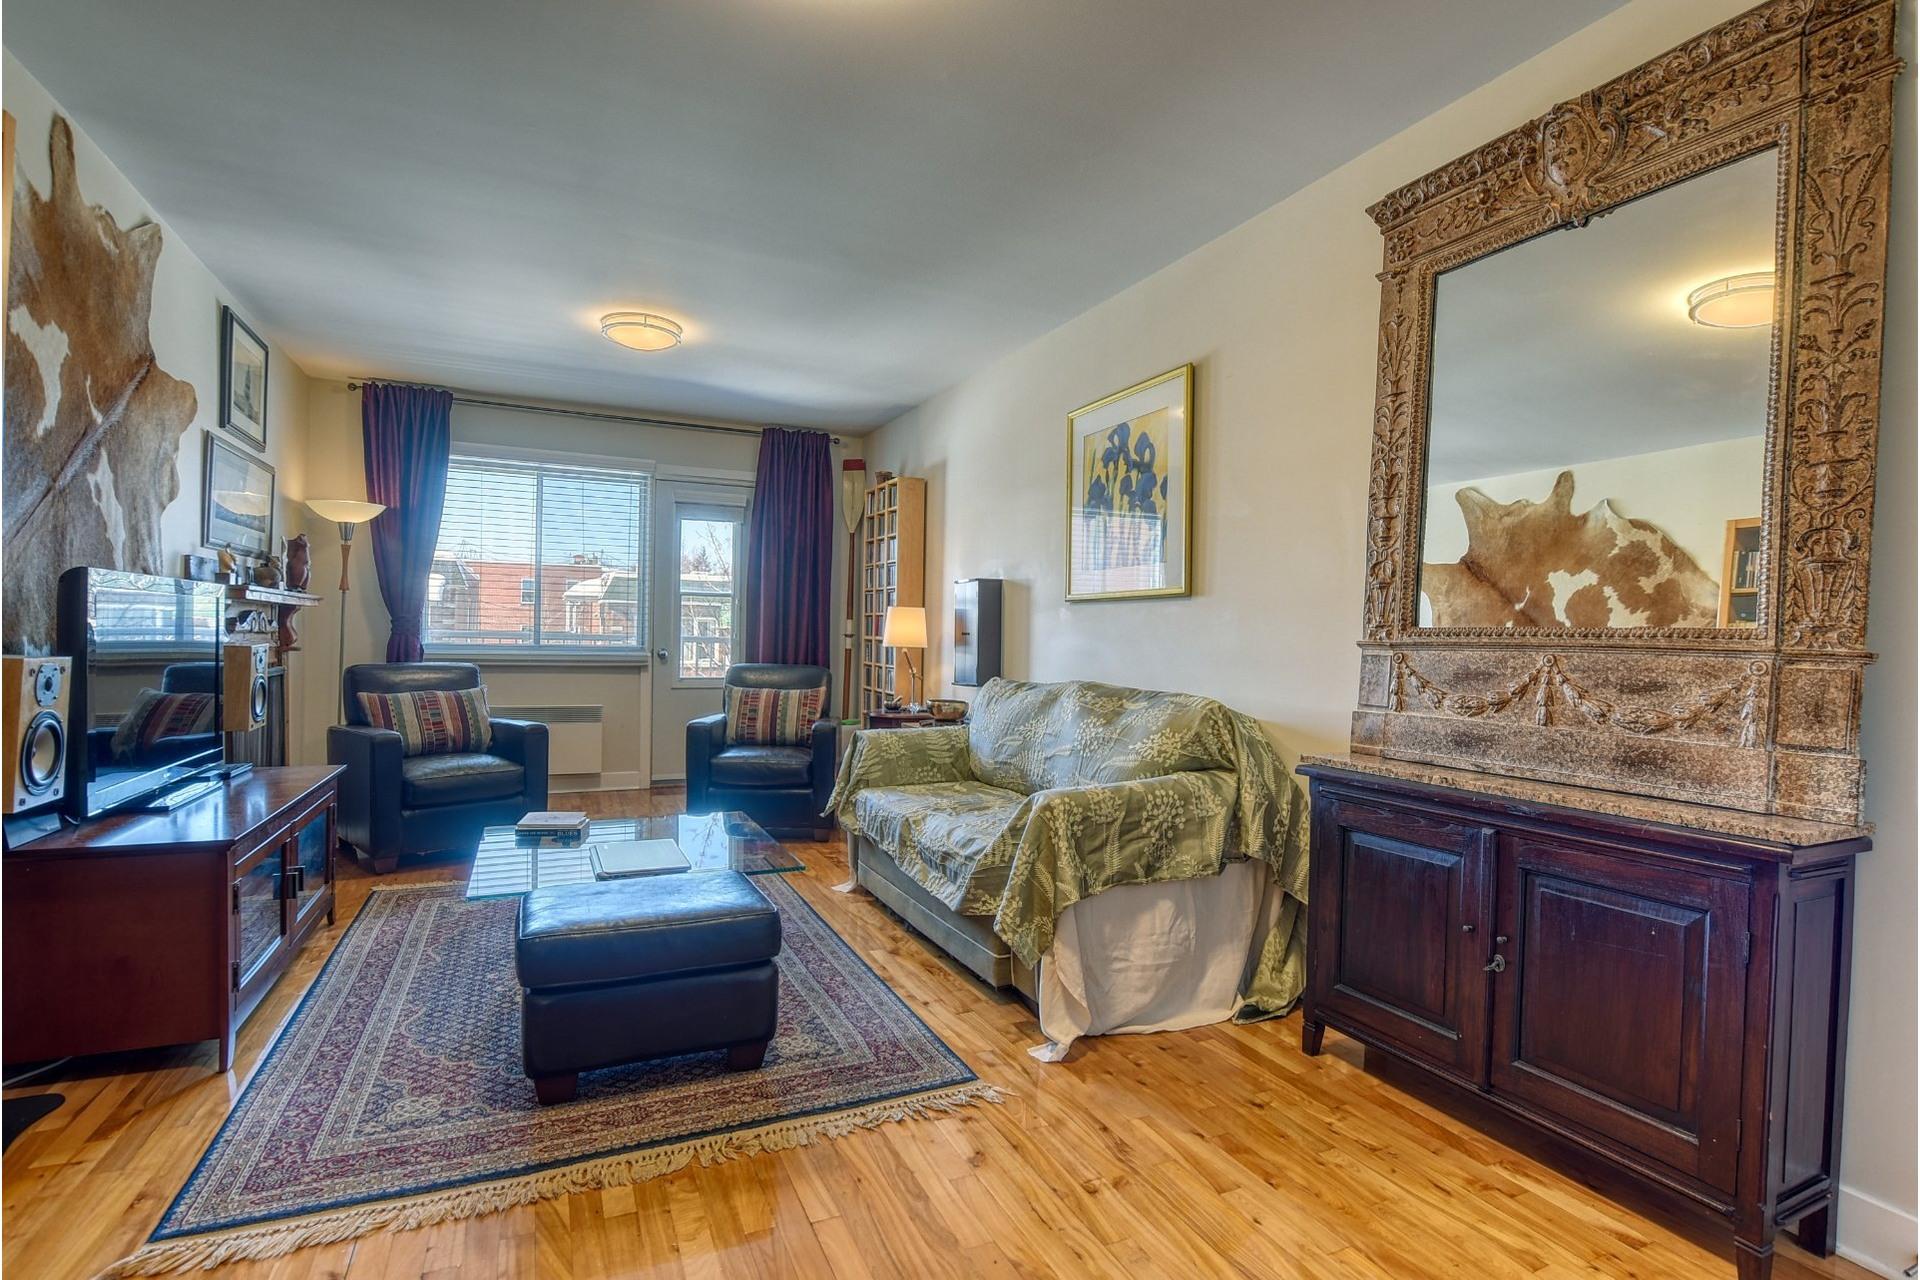 image 2 - Appartement À vendre Mercier/Hochelaga-Maisonneuve Montréal  - 4 pièces